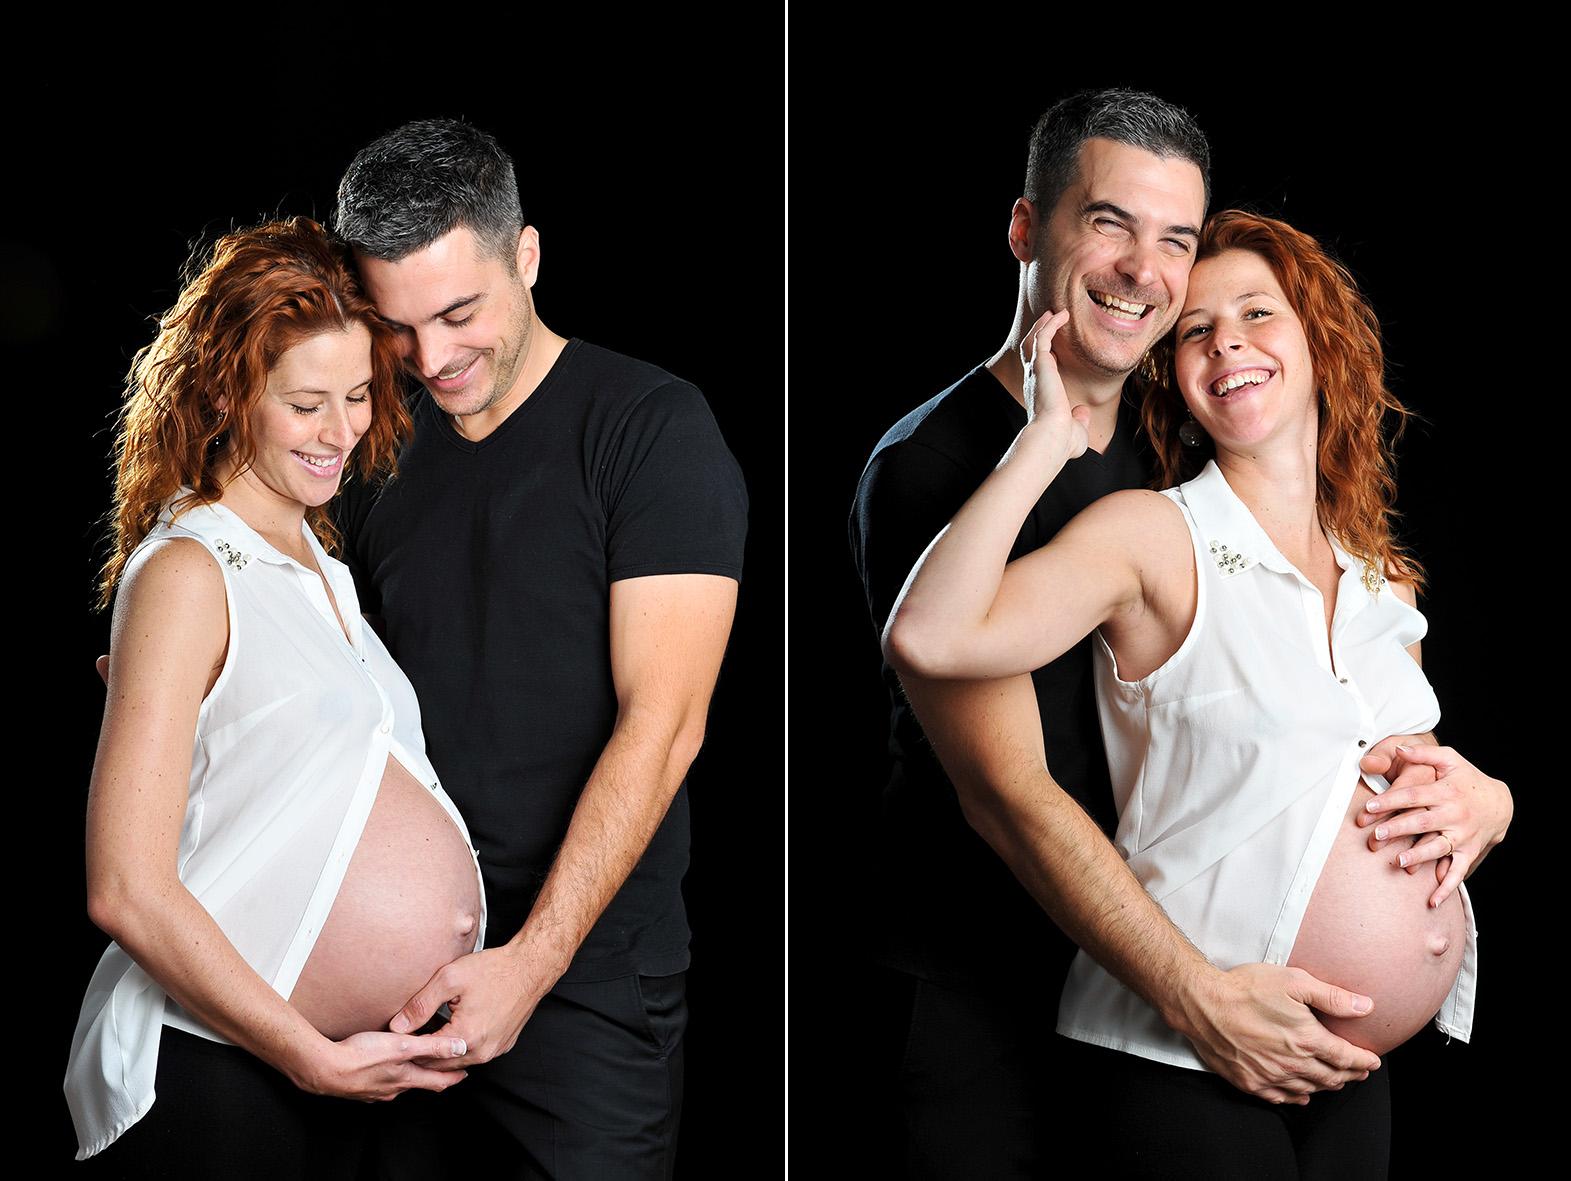 diptyque couleur d'un couple de futurs parents en studio en séance maternité